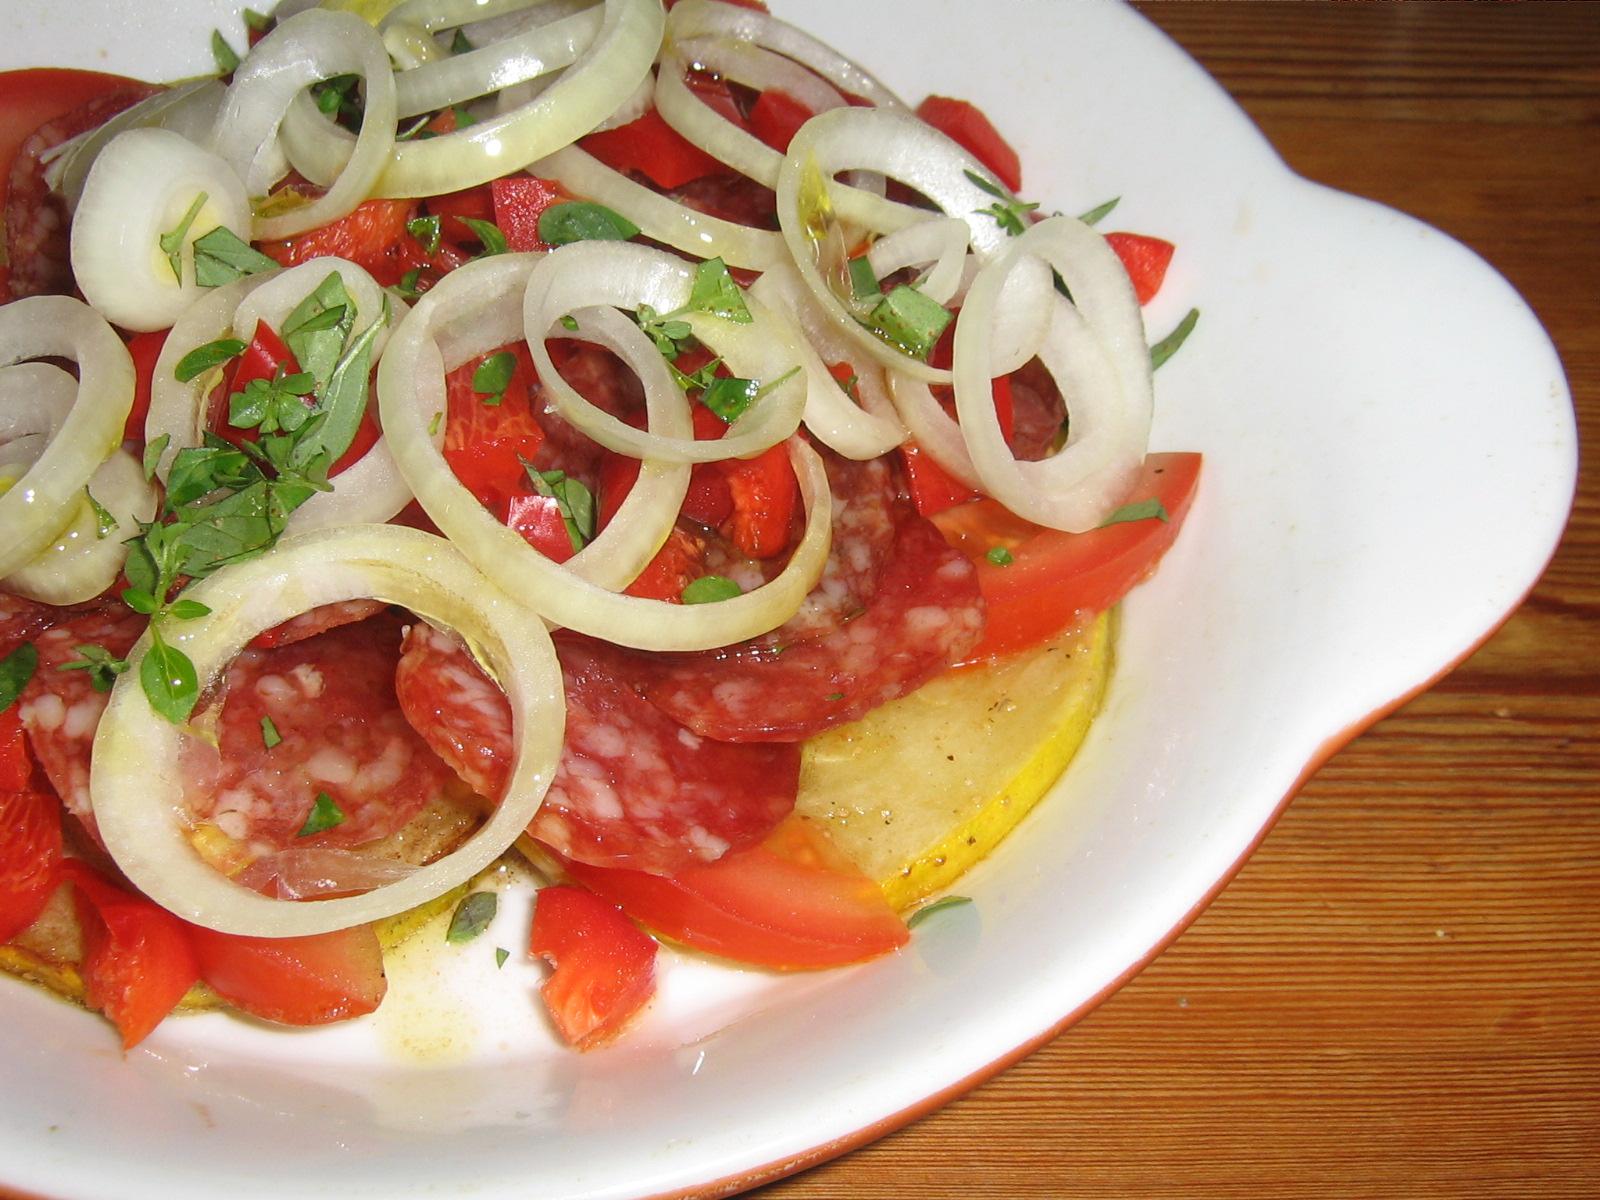 Pizza Low-carb med Salami, Lök, Zucchini och Tomat